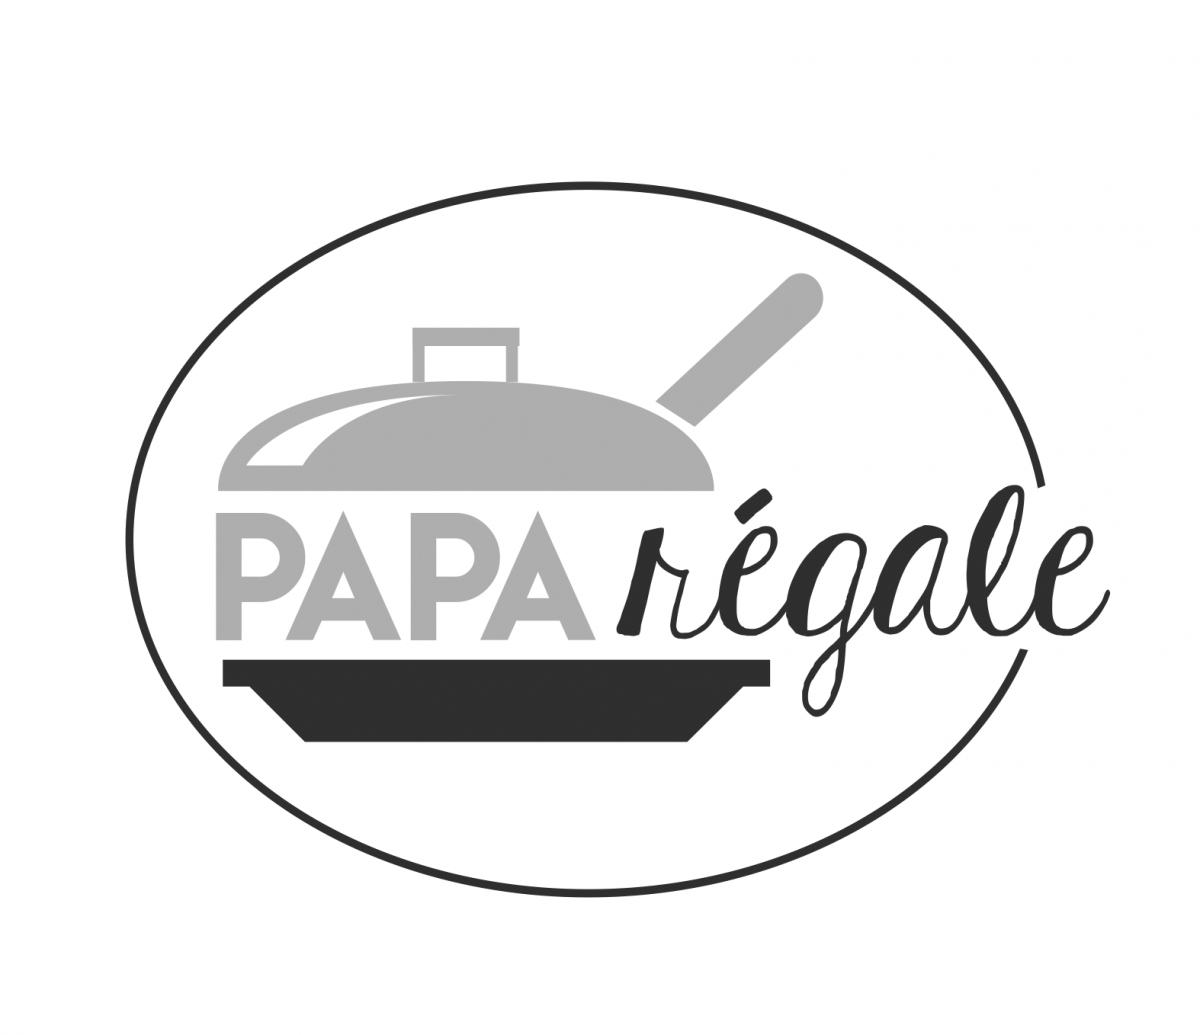 Papa régale